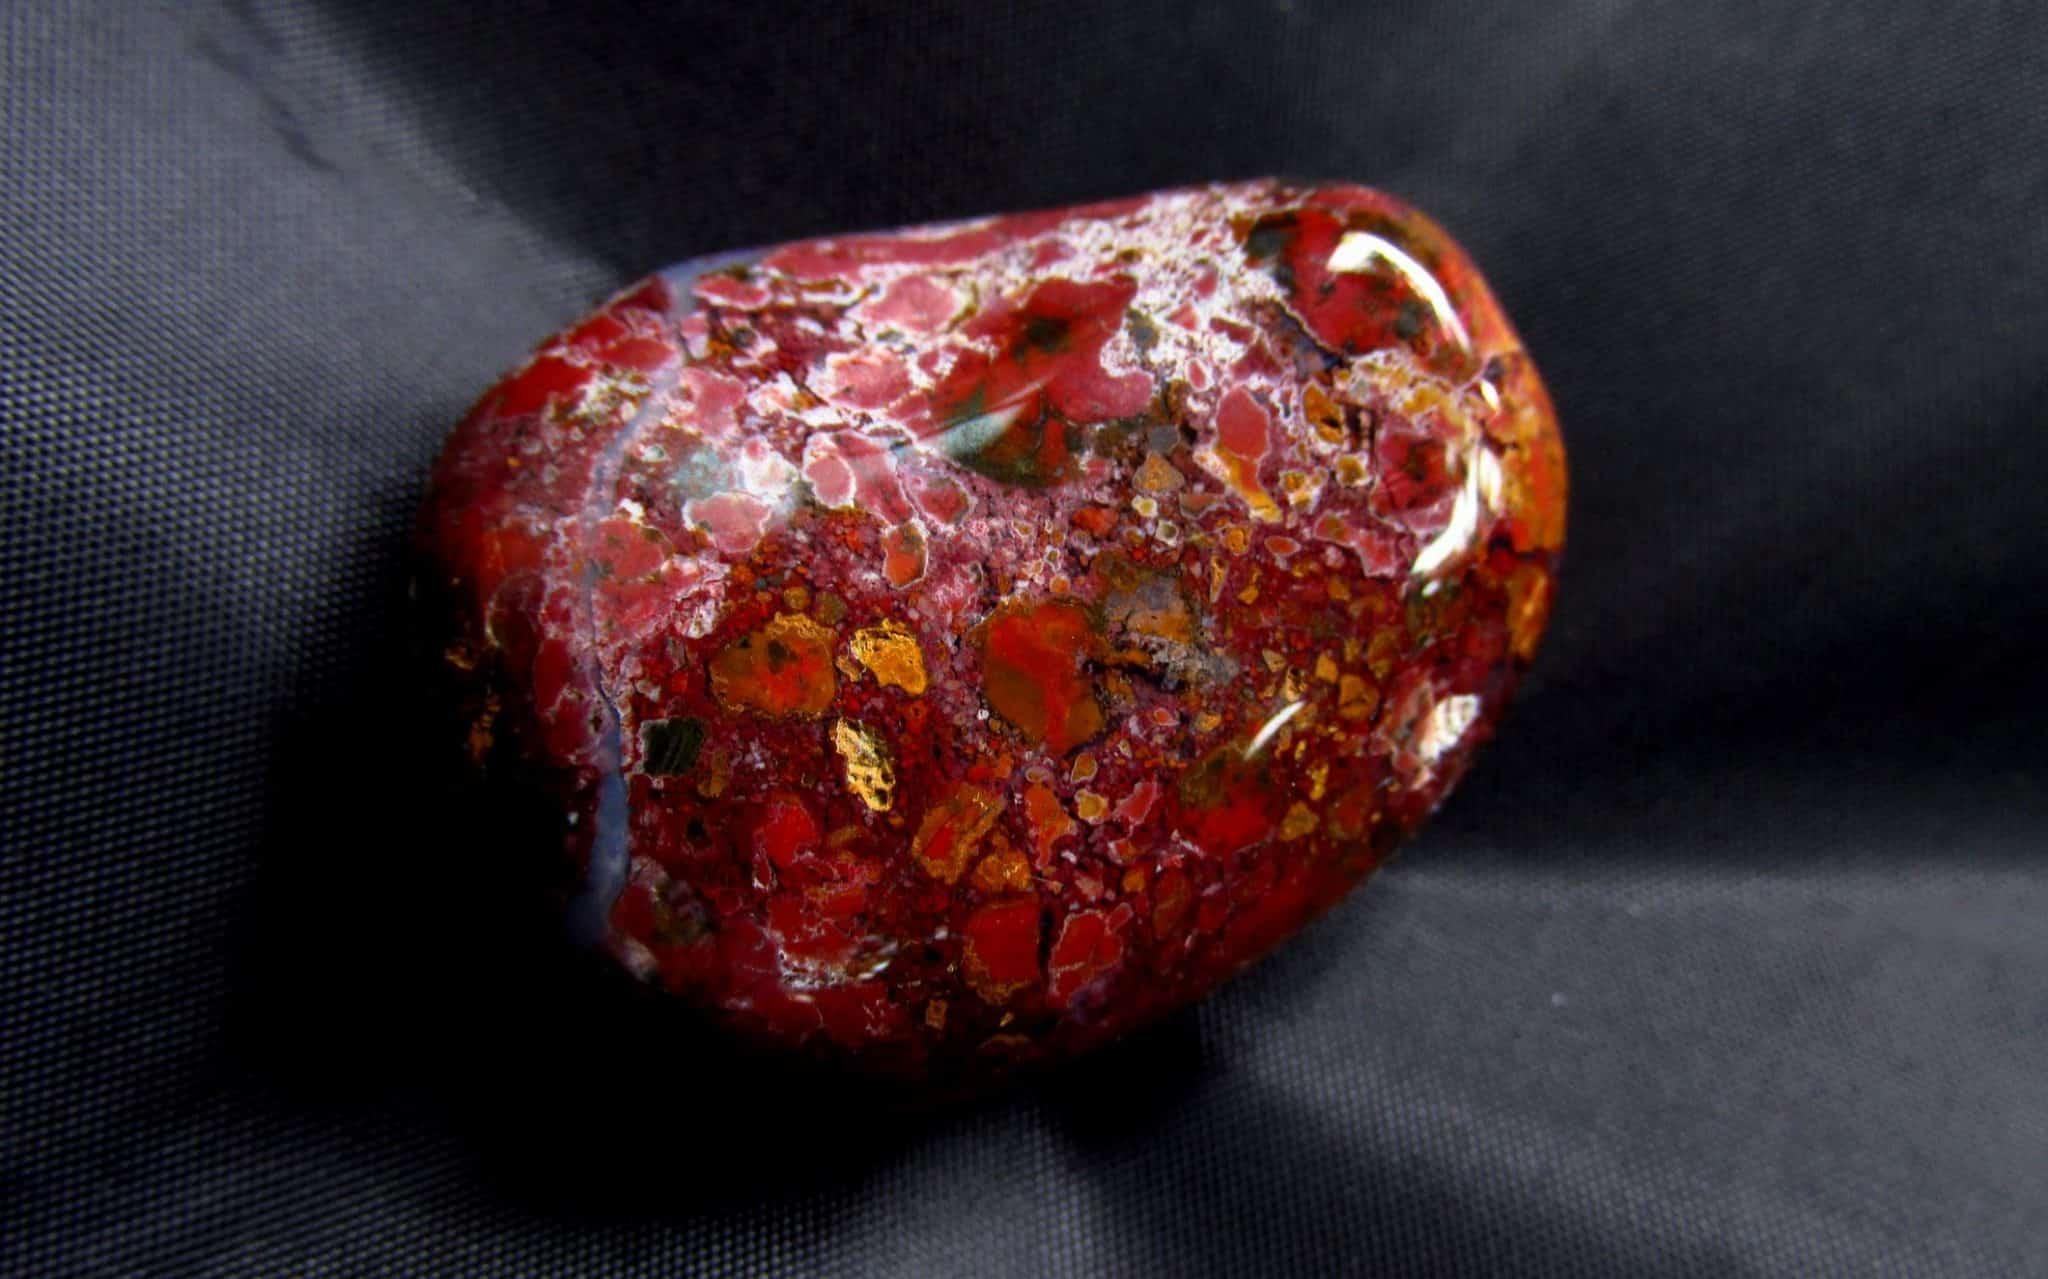 Gema de jaspe vermelha com esporos coloridos.